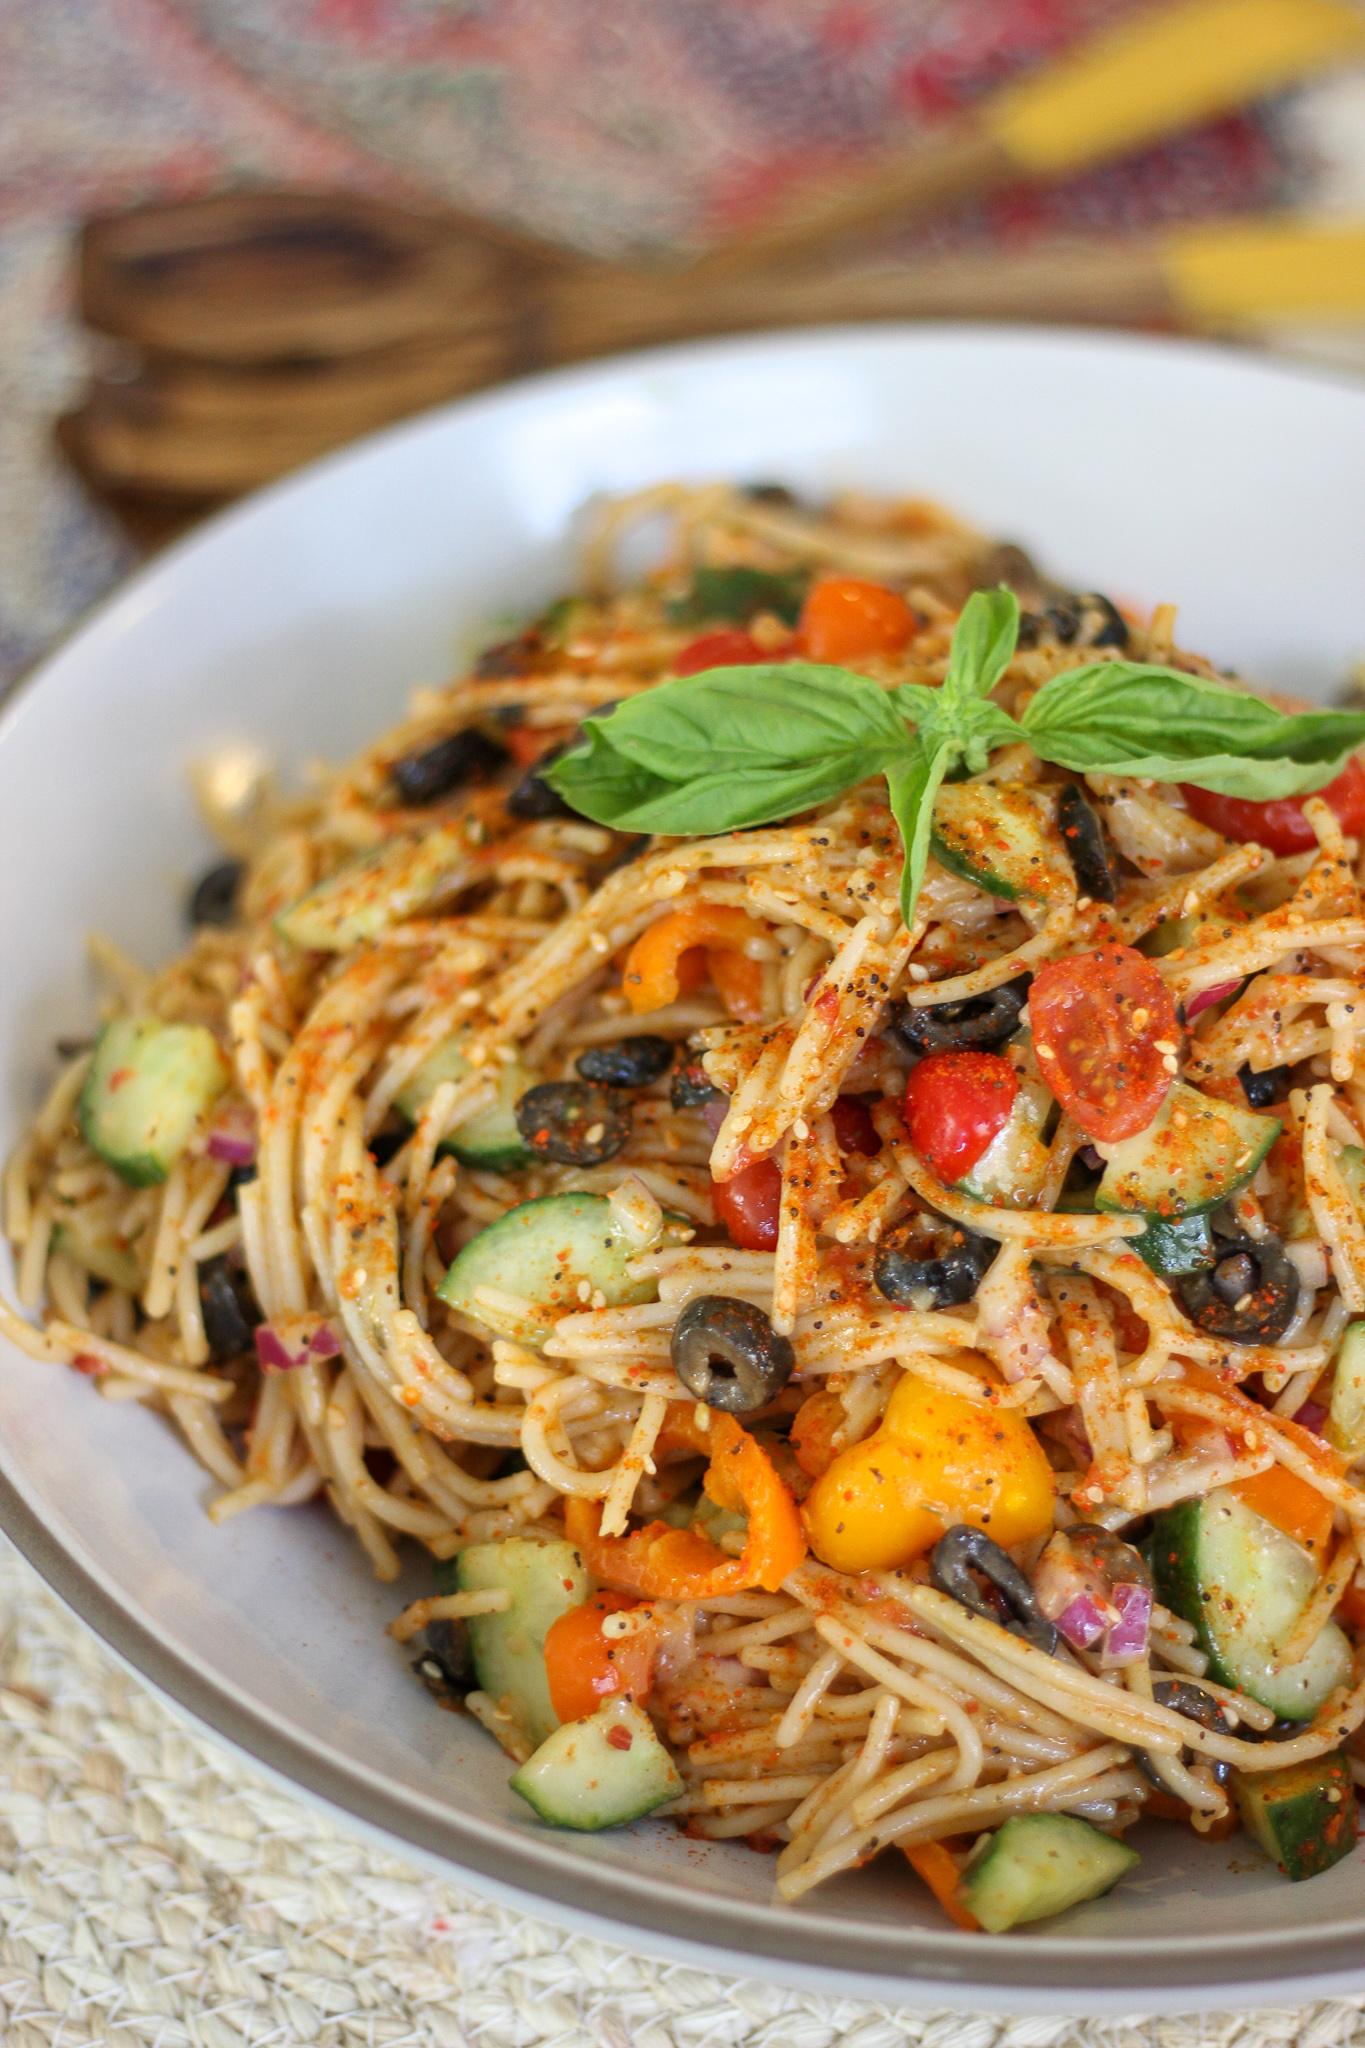 Deli Style Spaghetti Salad